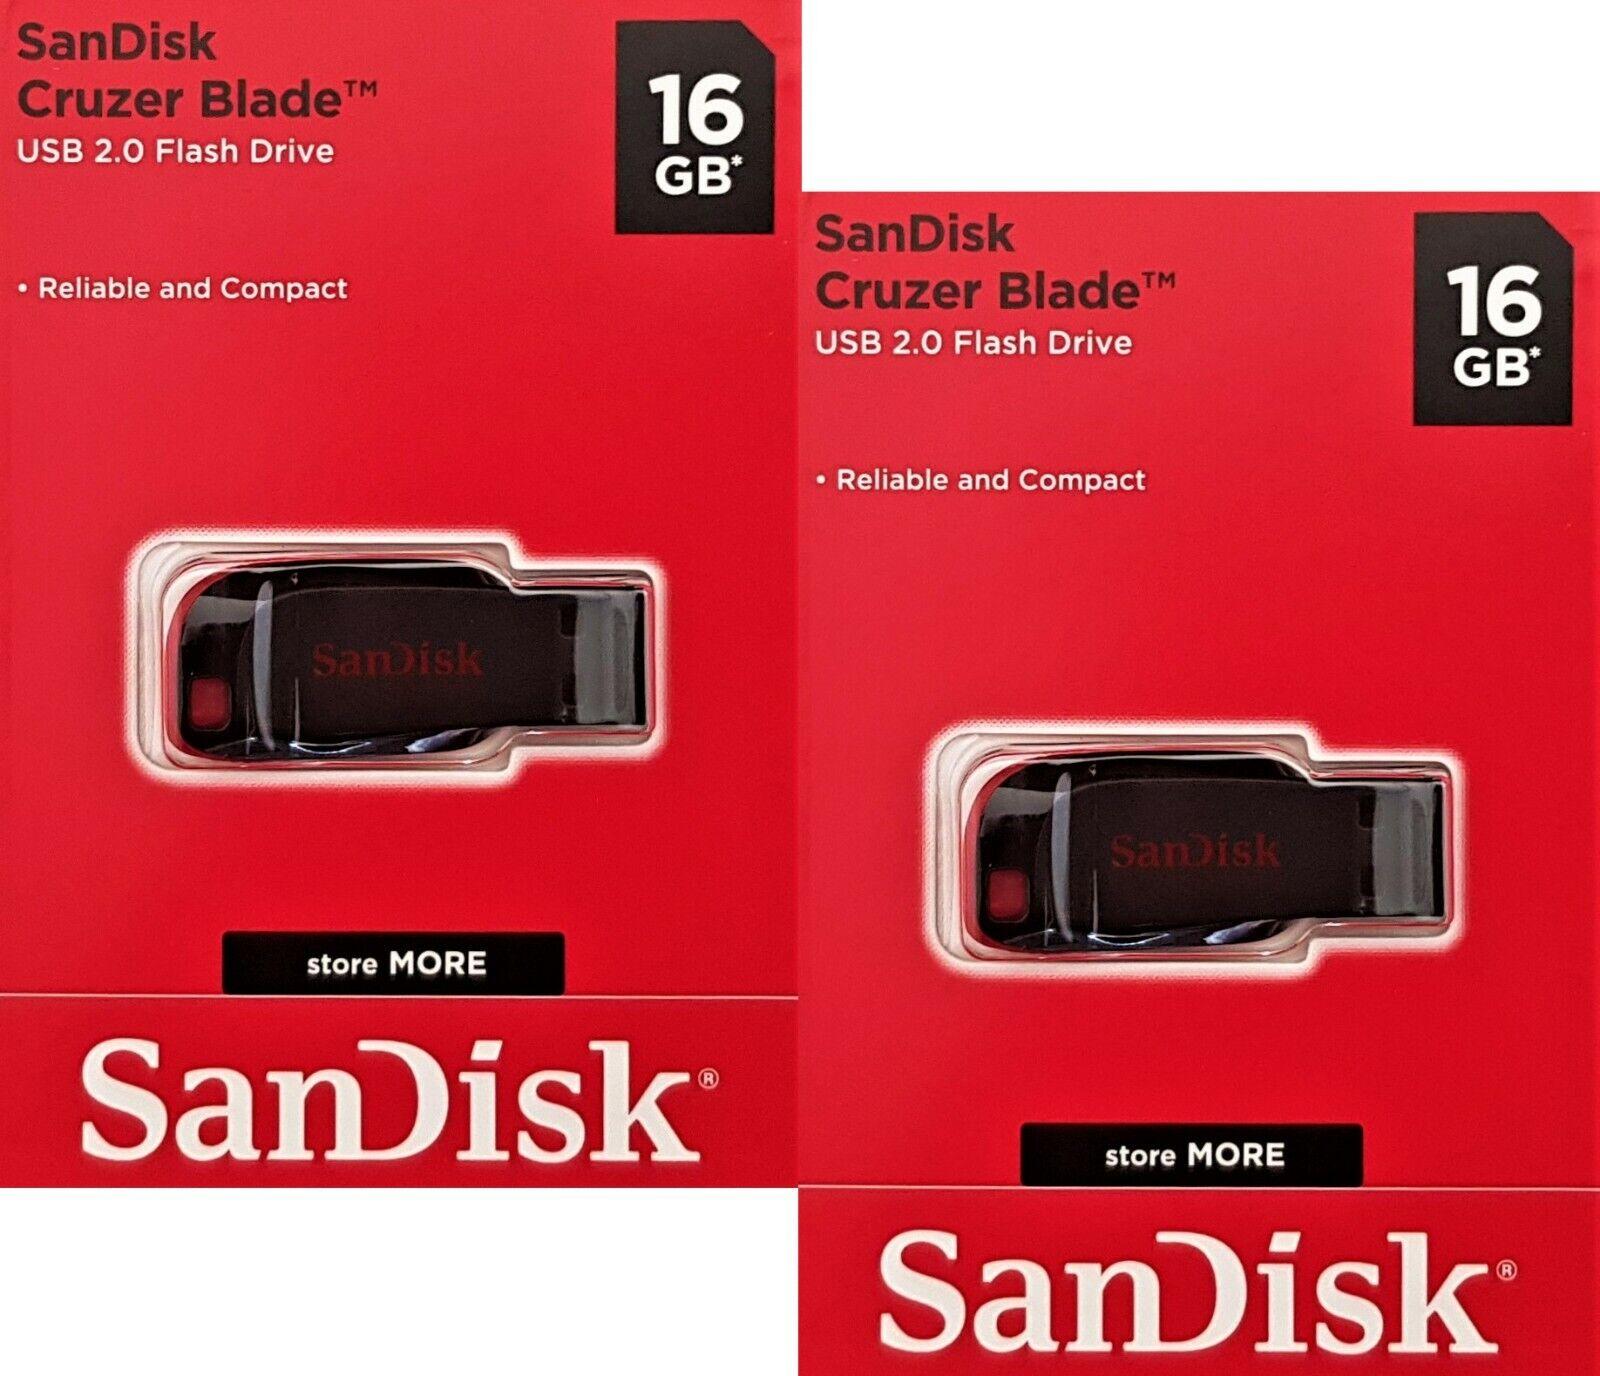 2x 16GB USB Stick